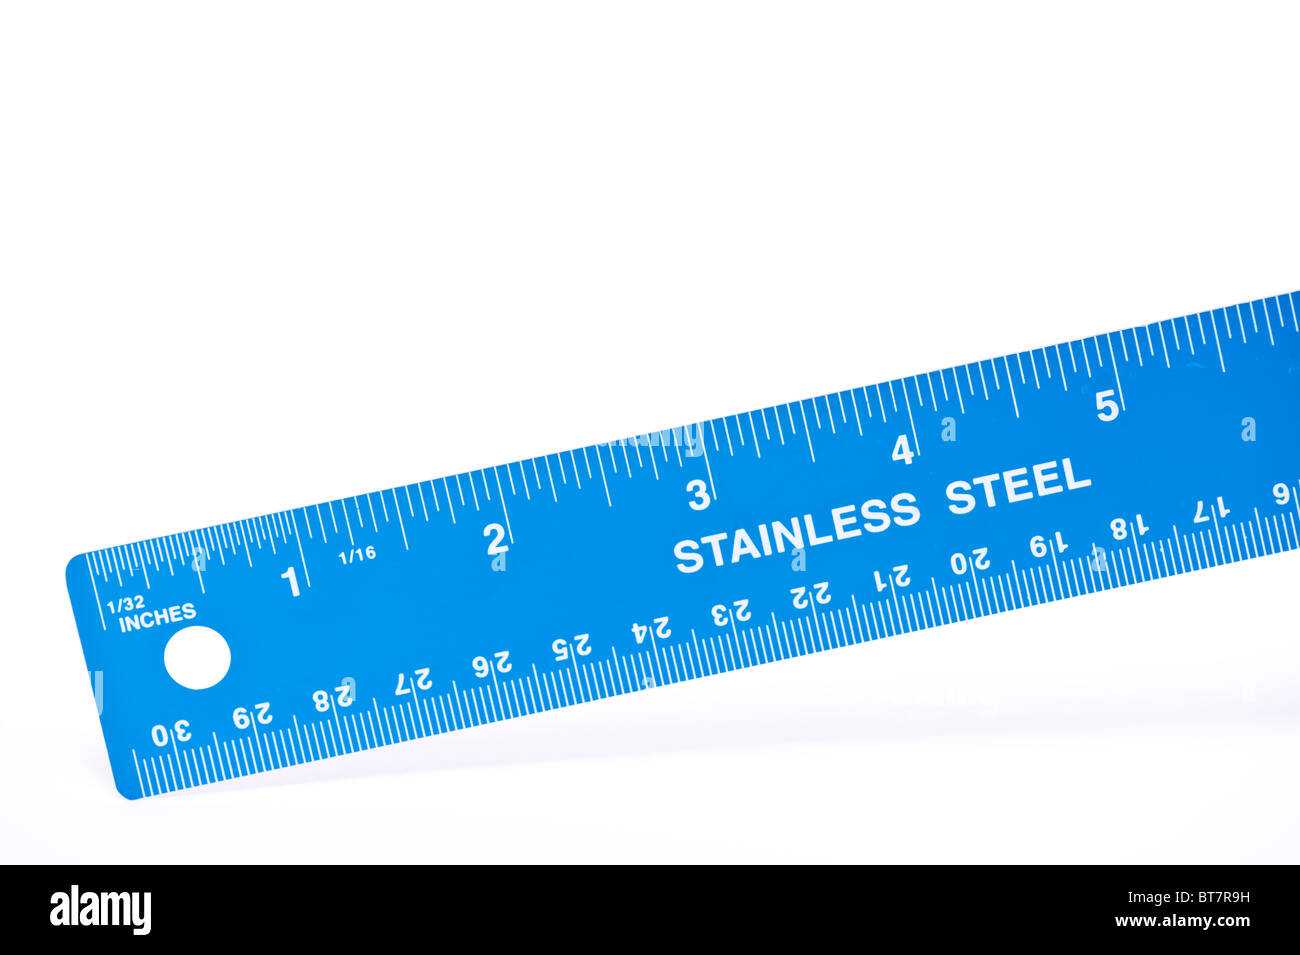 Una foto de una regla de acero inoxidable azul contra un fondo blanco. Imagen De Stock